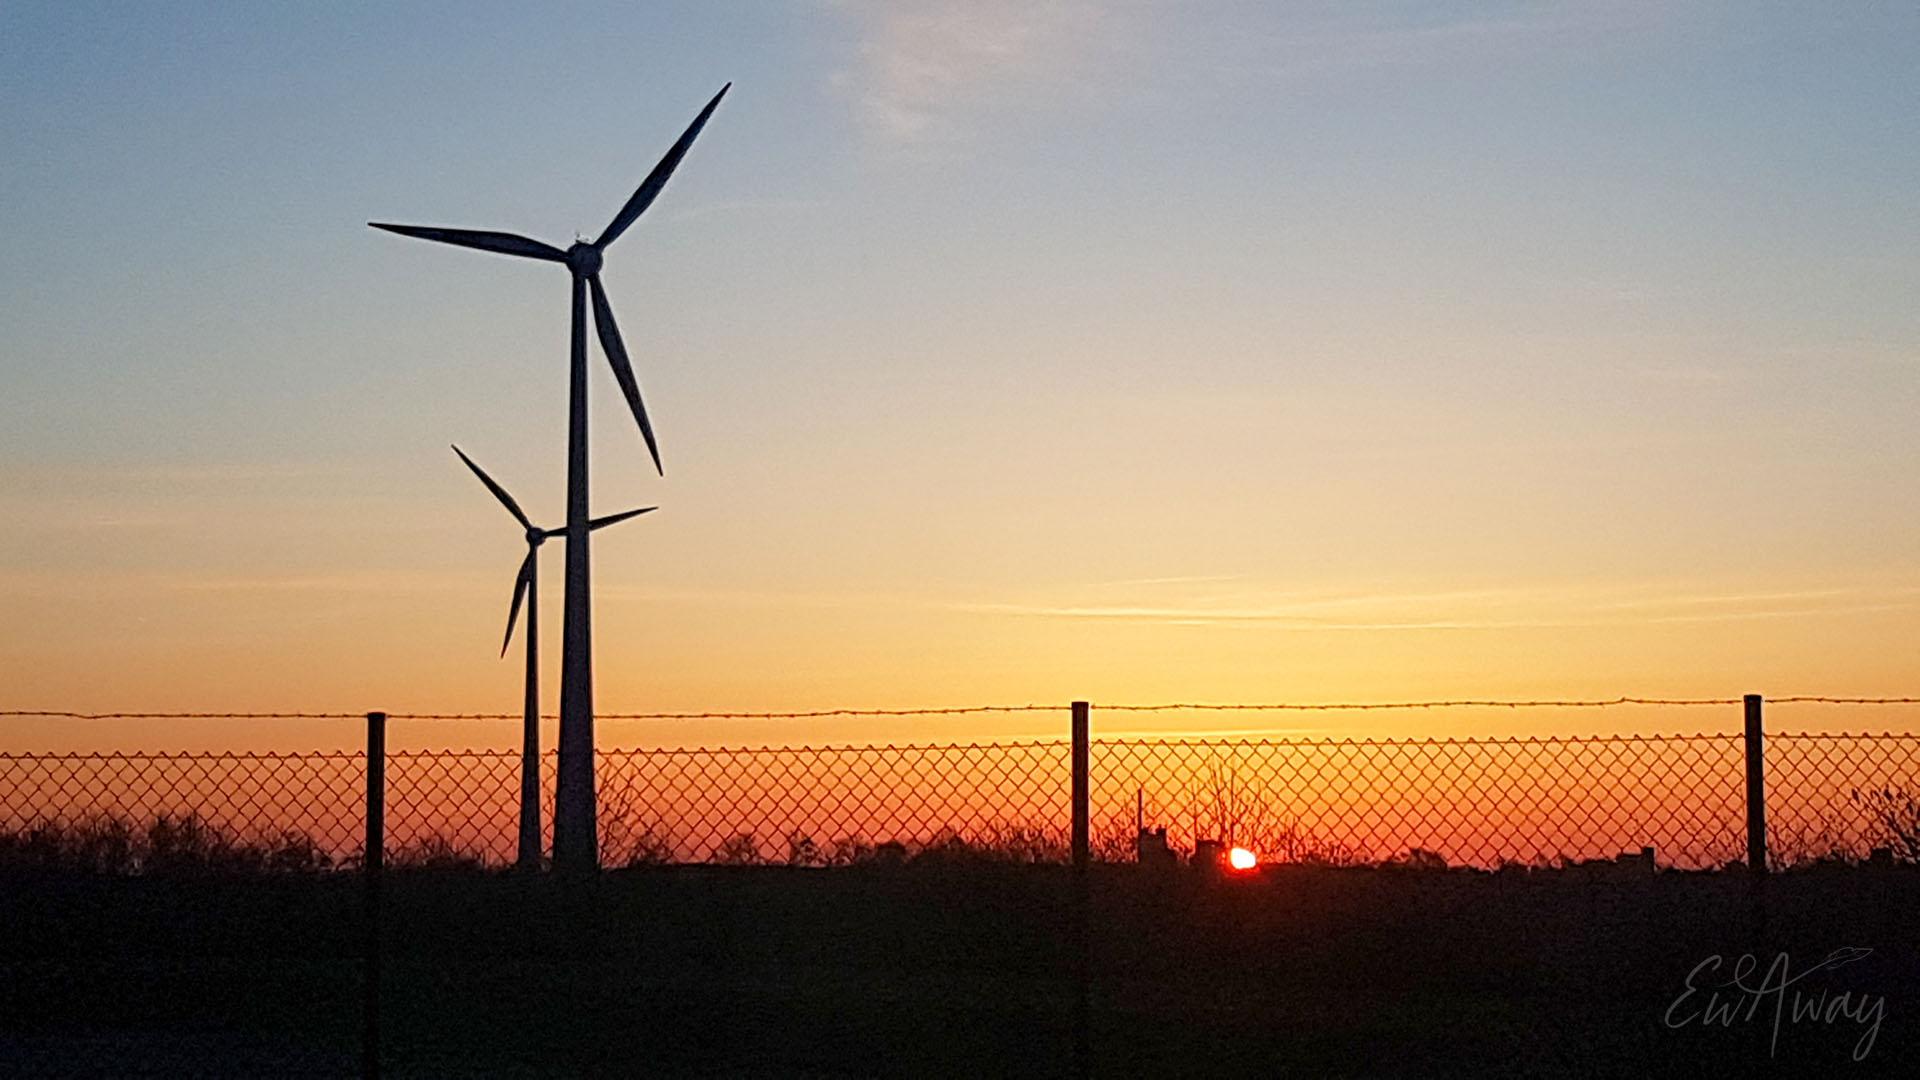 Koronawirus i pandemia. Wschód słońca na granicy polsko-niemieckiej